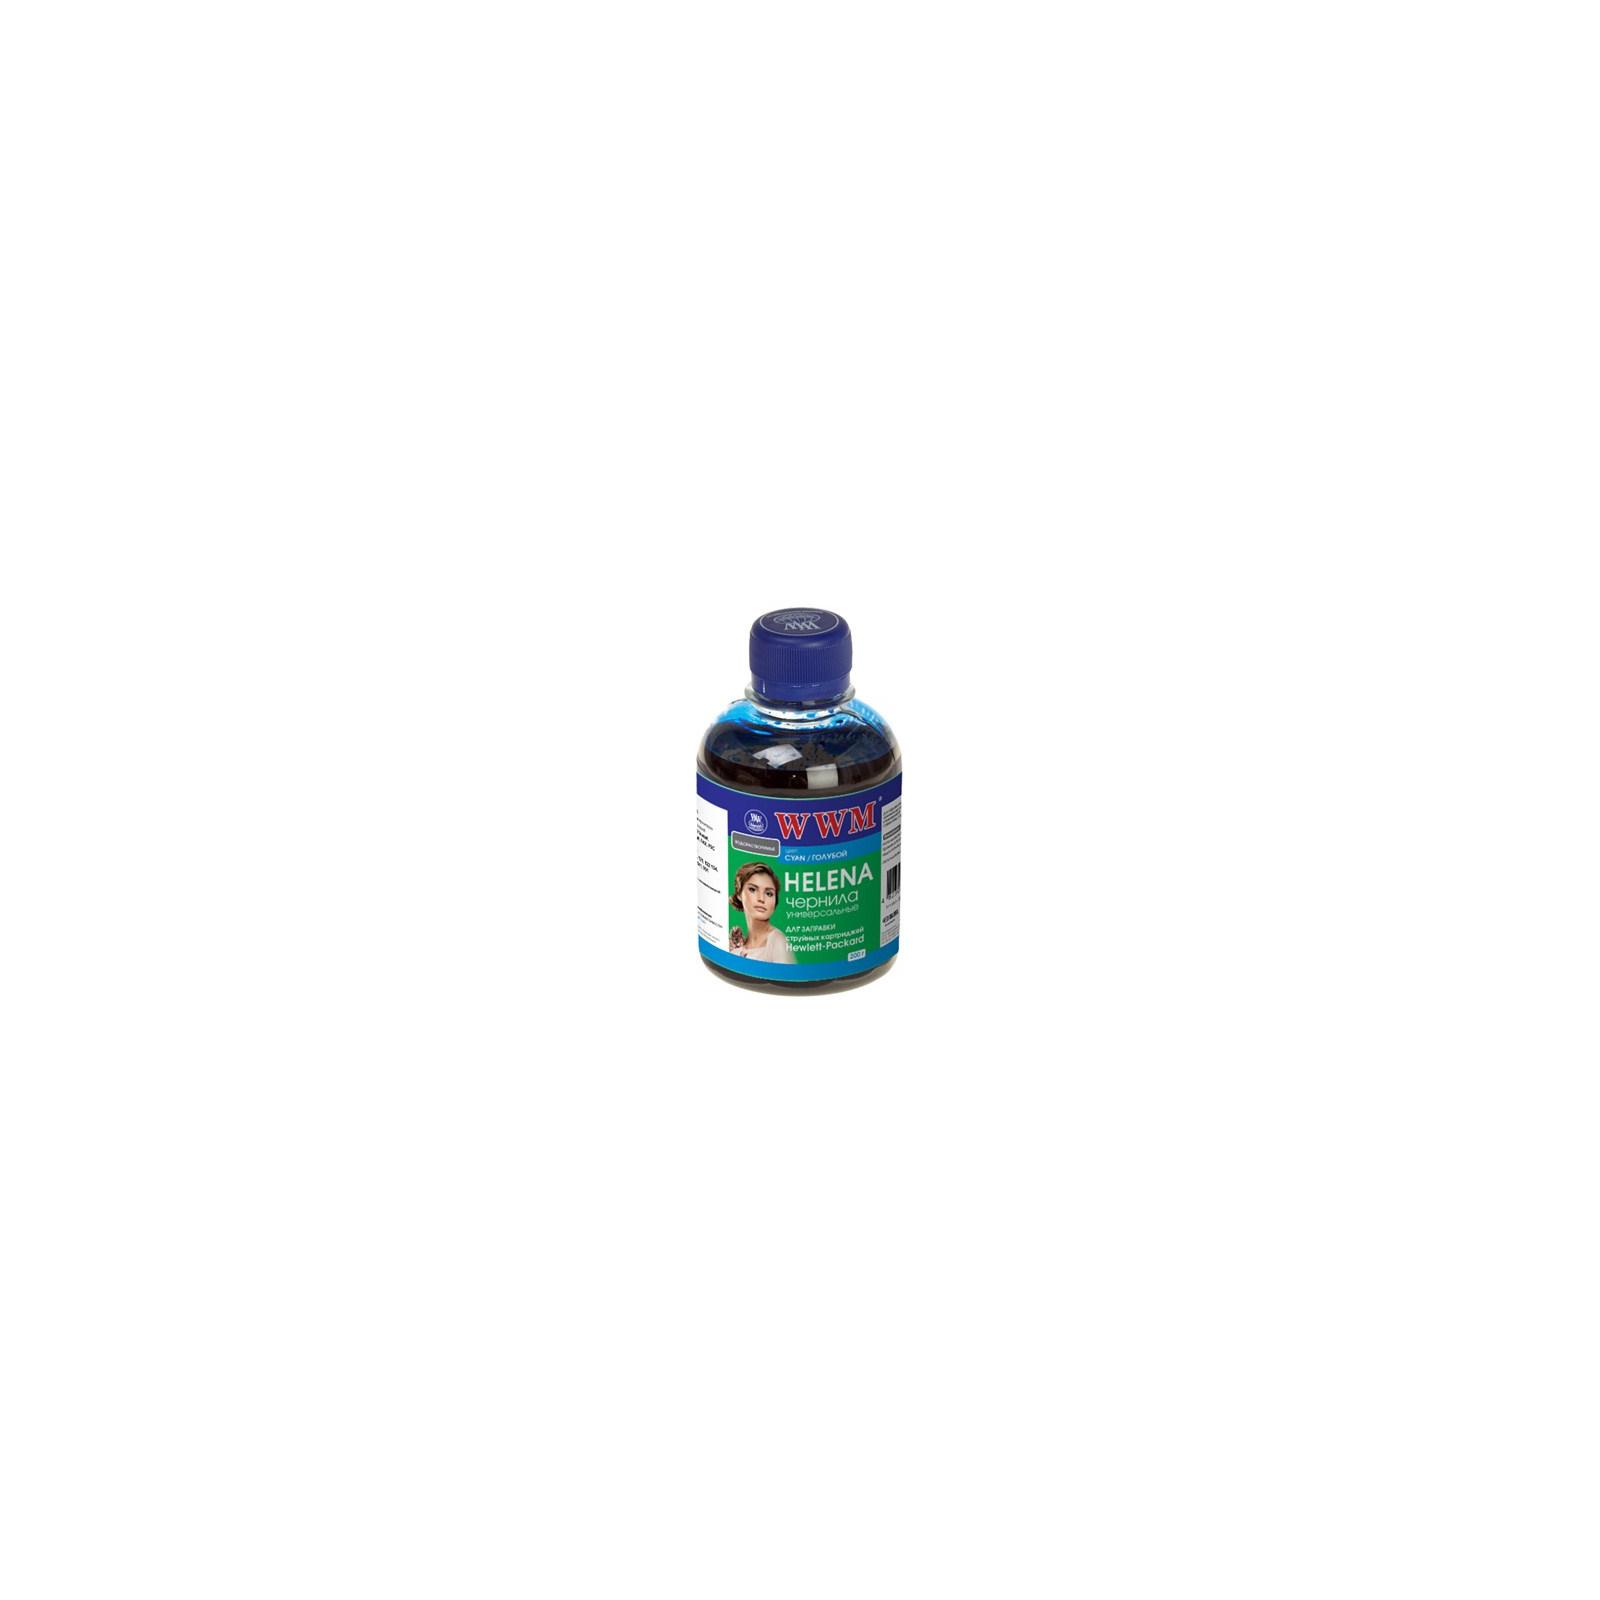 Чернила WWM HP UNIVERSAL HELENA Cyan (HU/C)